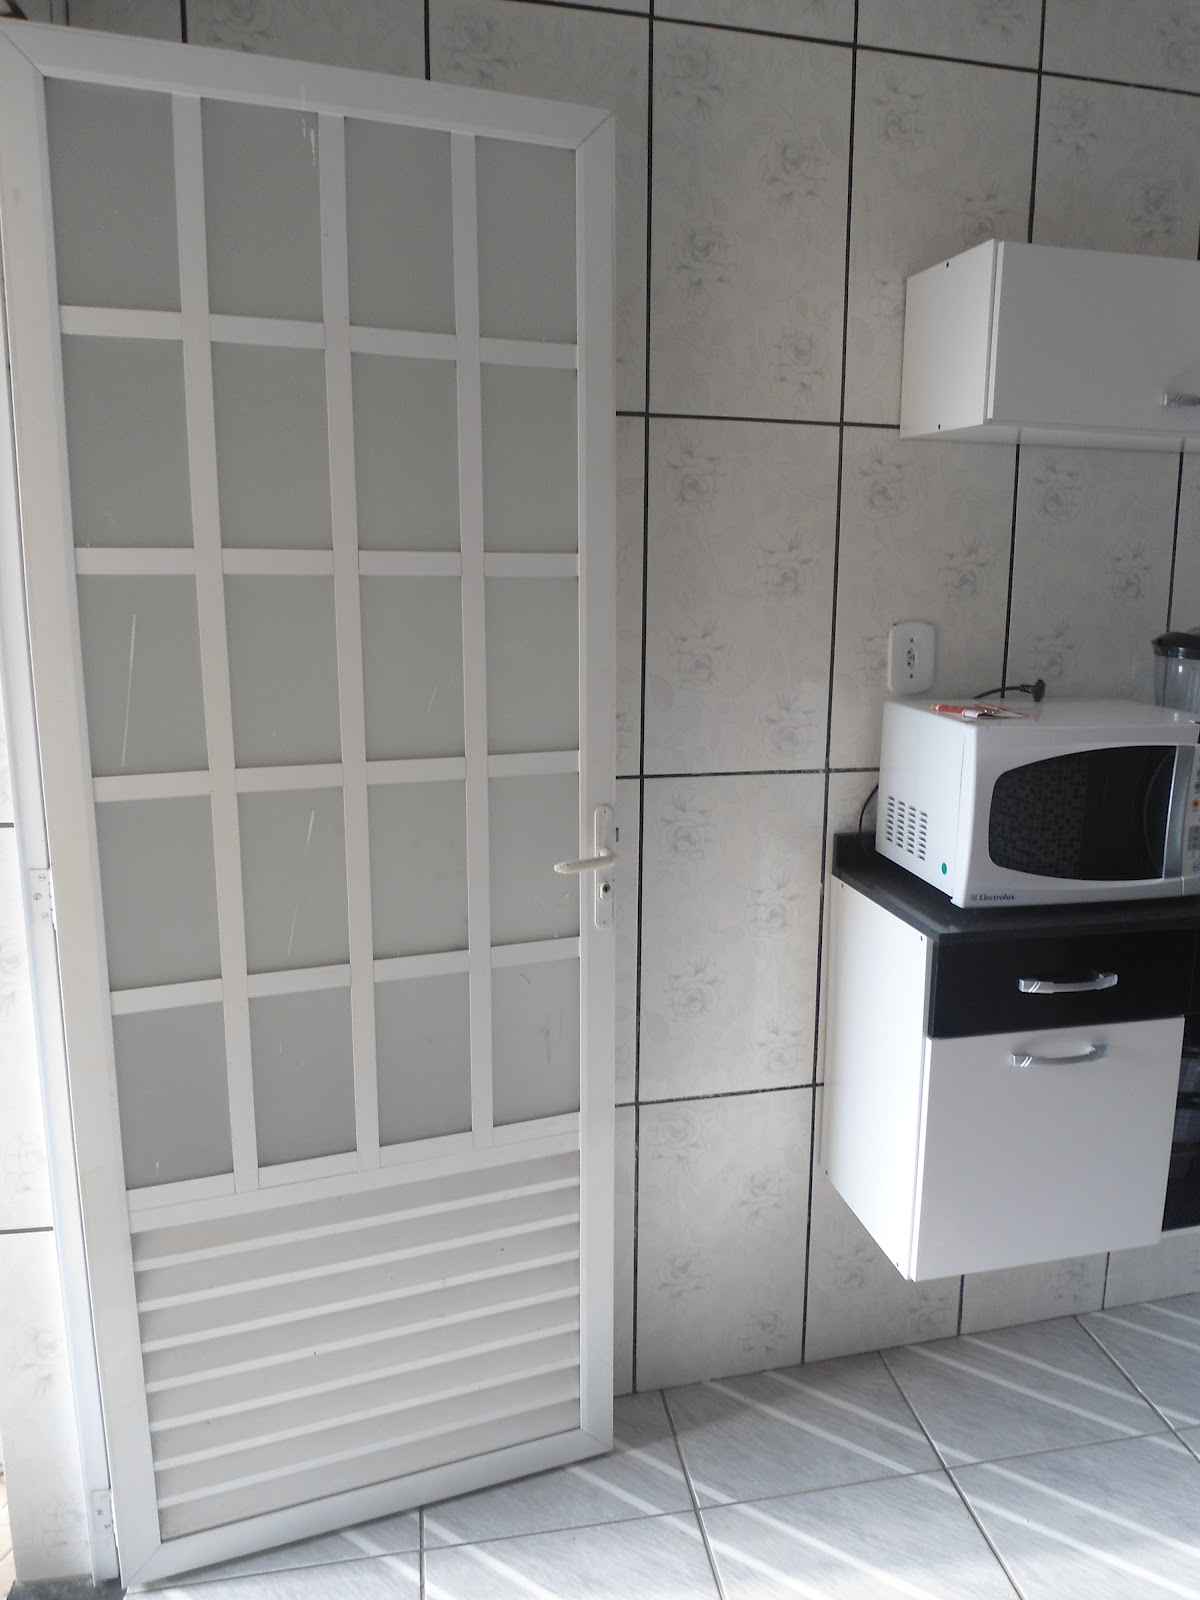 #5D646E EXCELENTE IMOVÉL Parque São José Belford Roxo: Copa Cozinha 1114 Portas E Janelas De Aluminio Para Cozinha